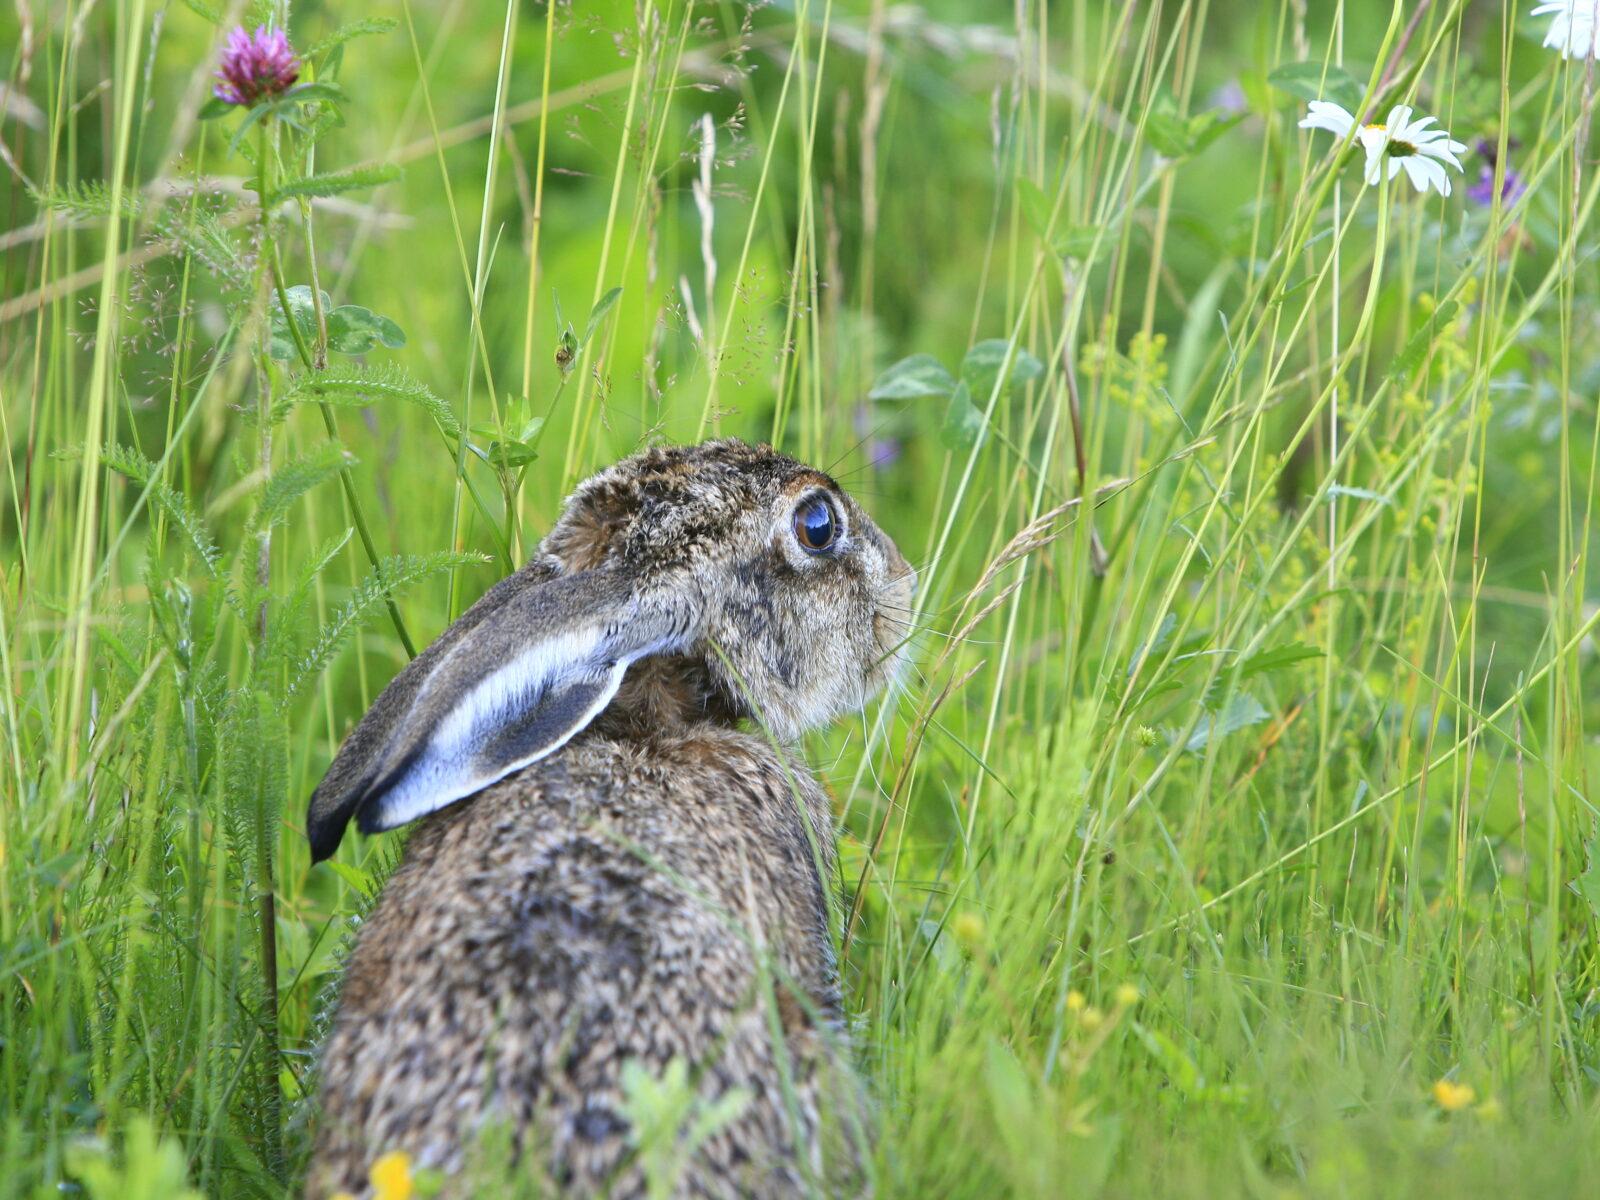 Hare,Småvilt,skog,Åker